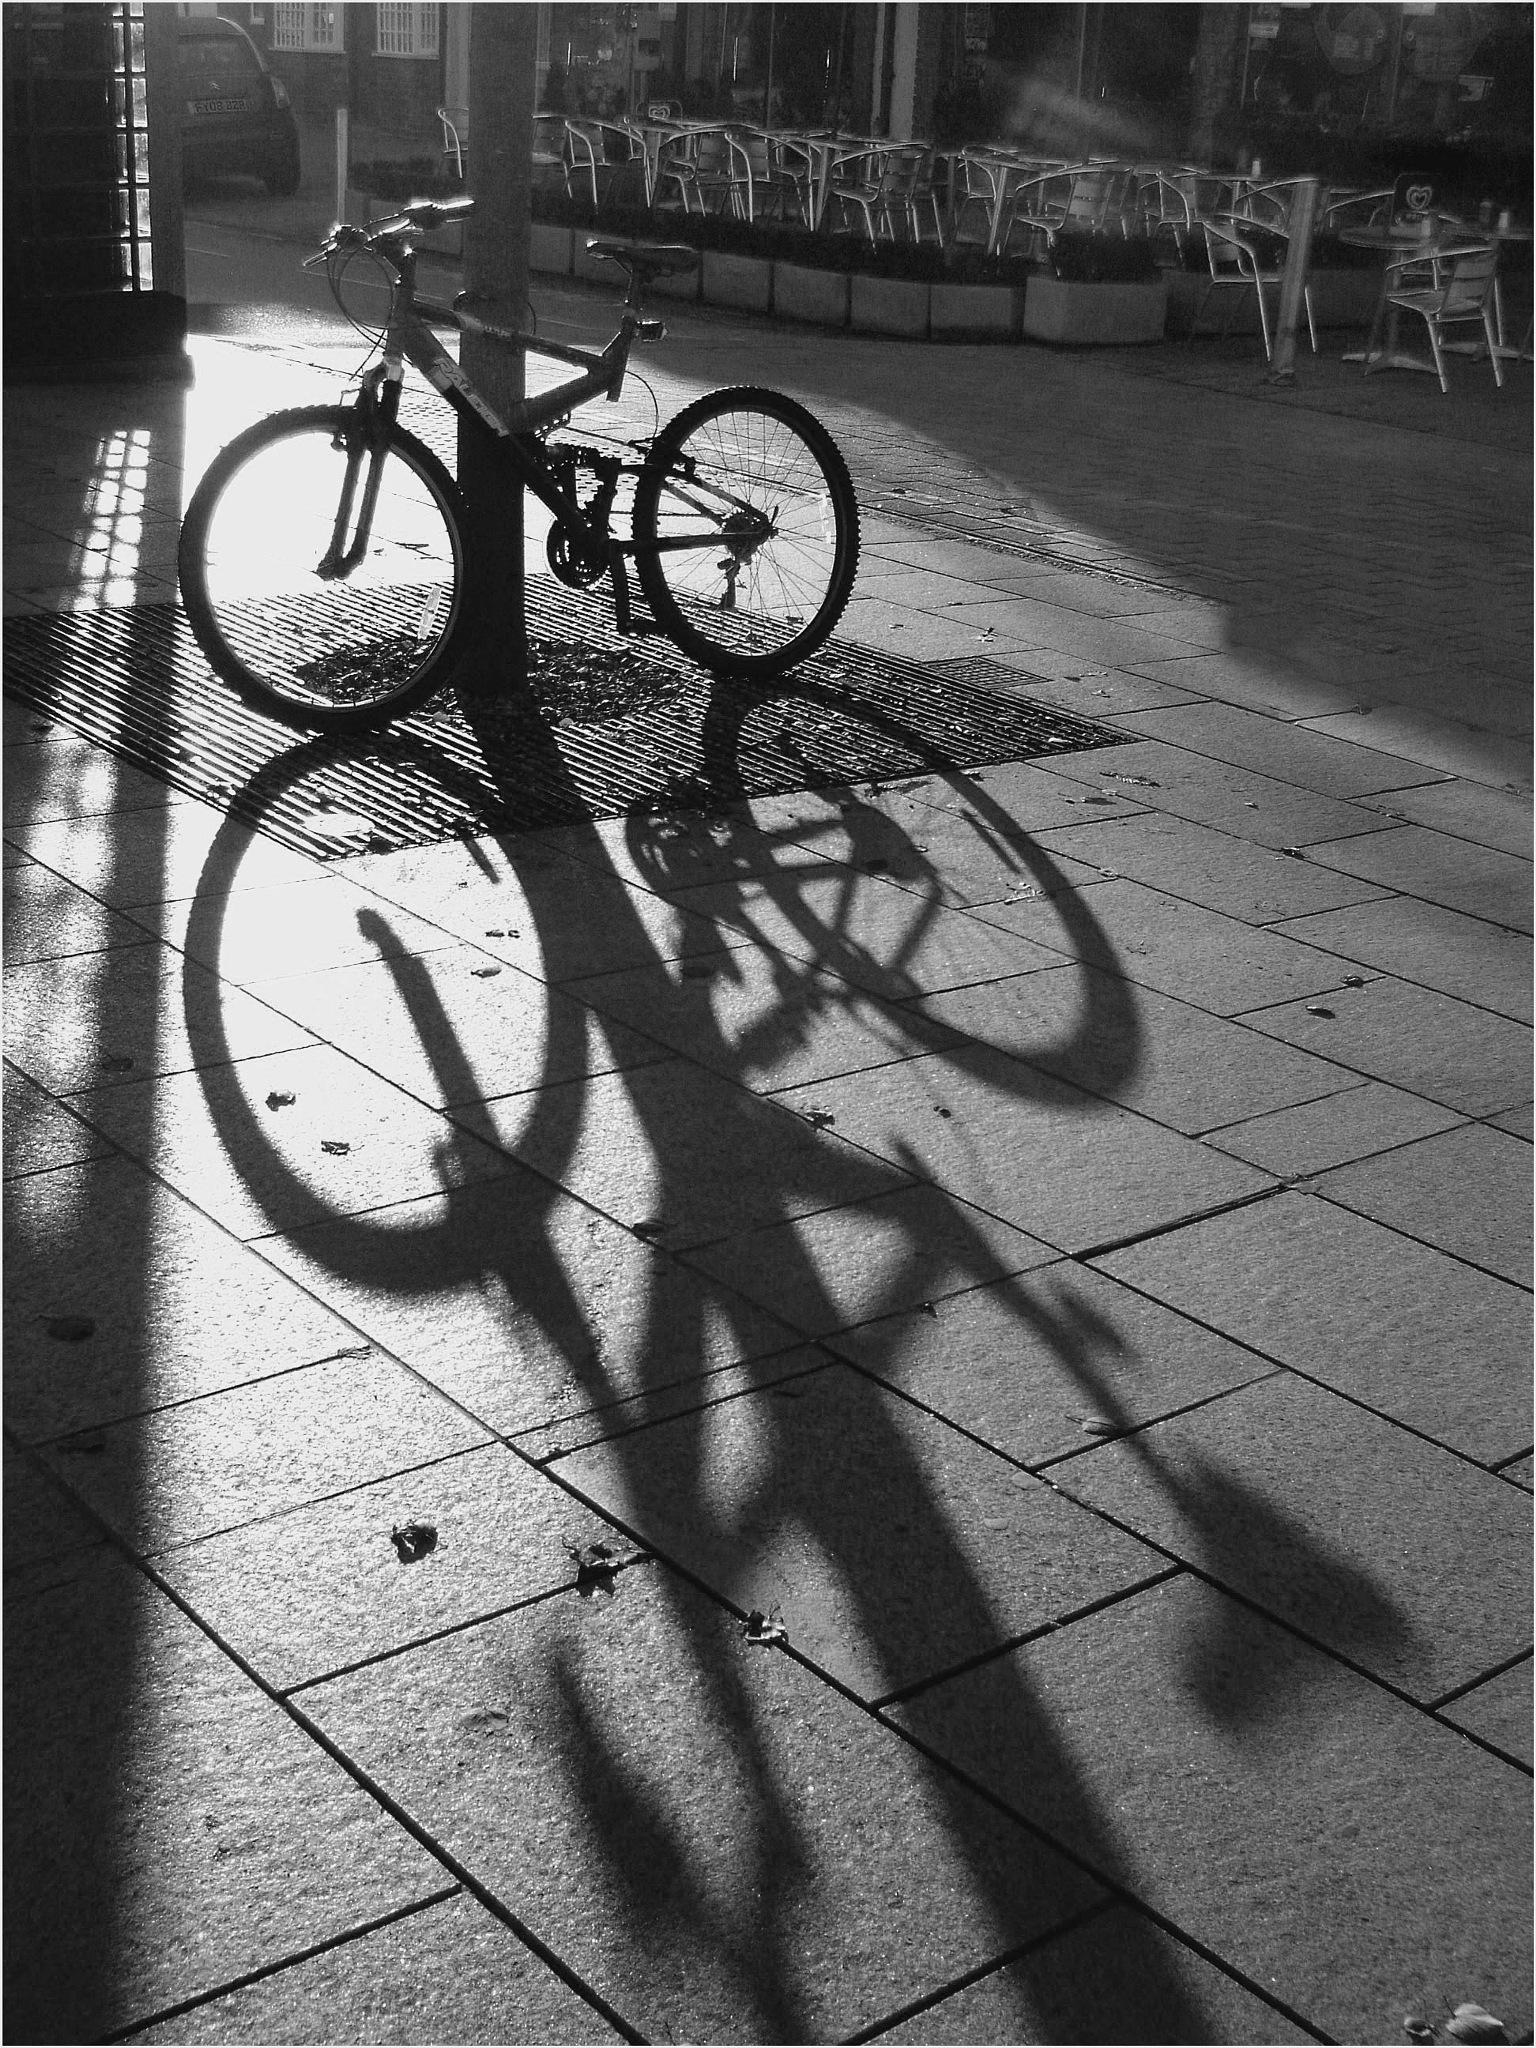 My bike by edwinphillips